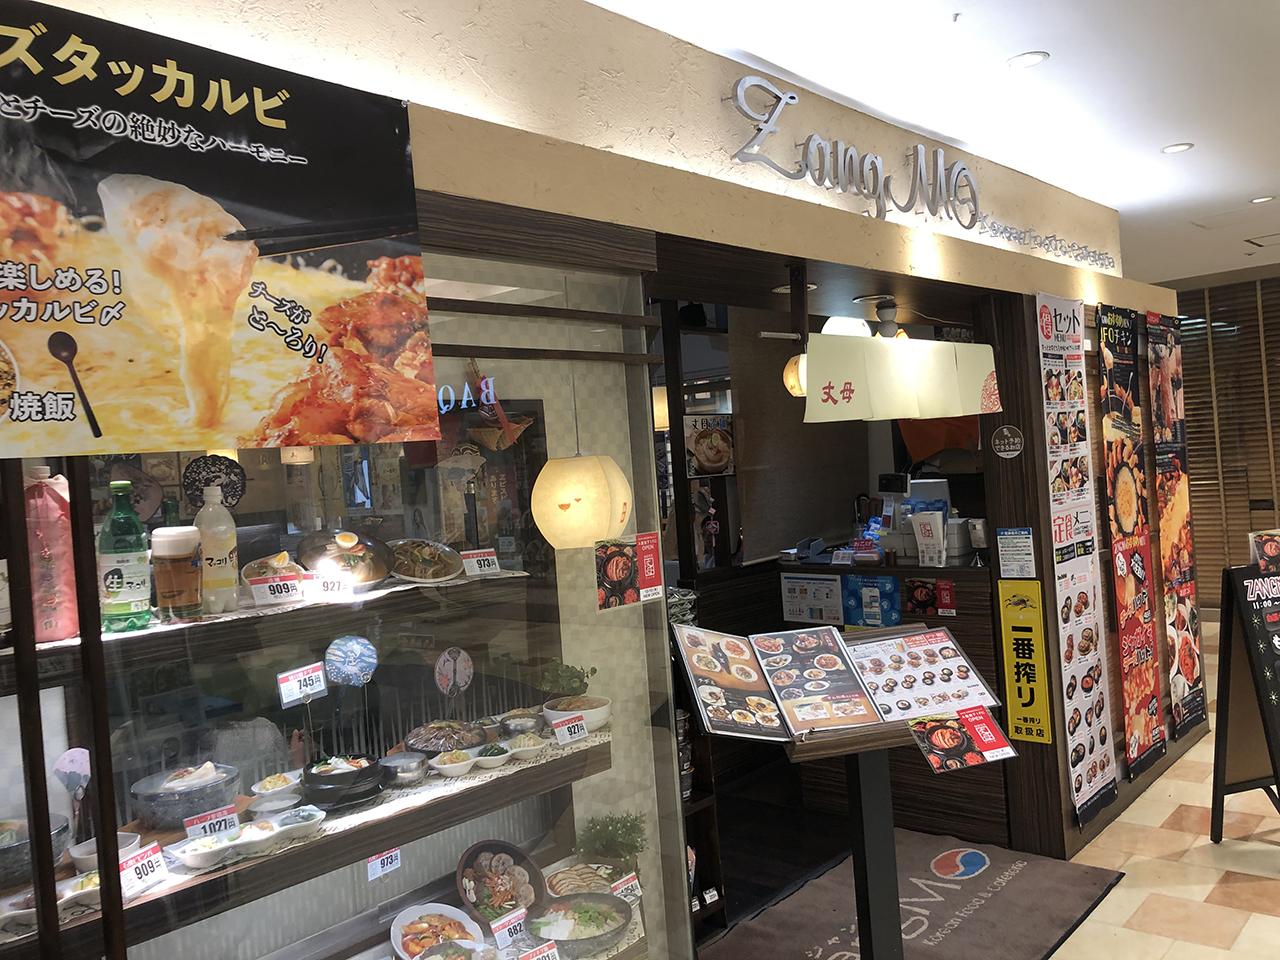 韓国食堂ジャンモの外観